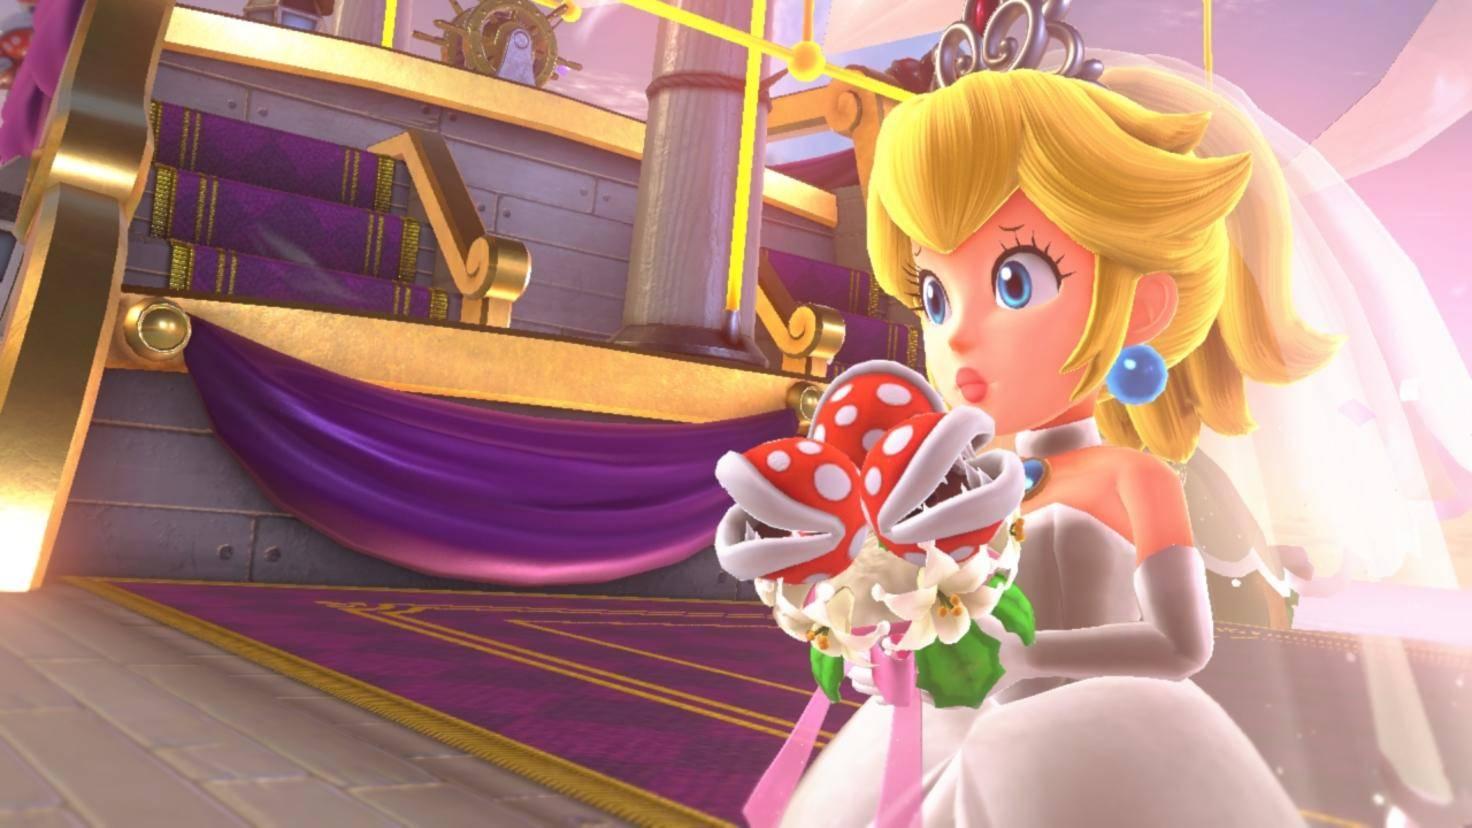 Ja, richtig gelesen: Auch Peachs Hochzeitskleid steht Mario als Outfit zur Verfügung.